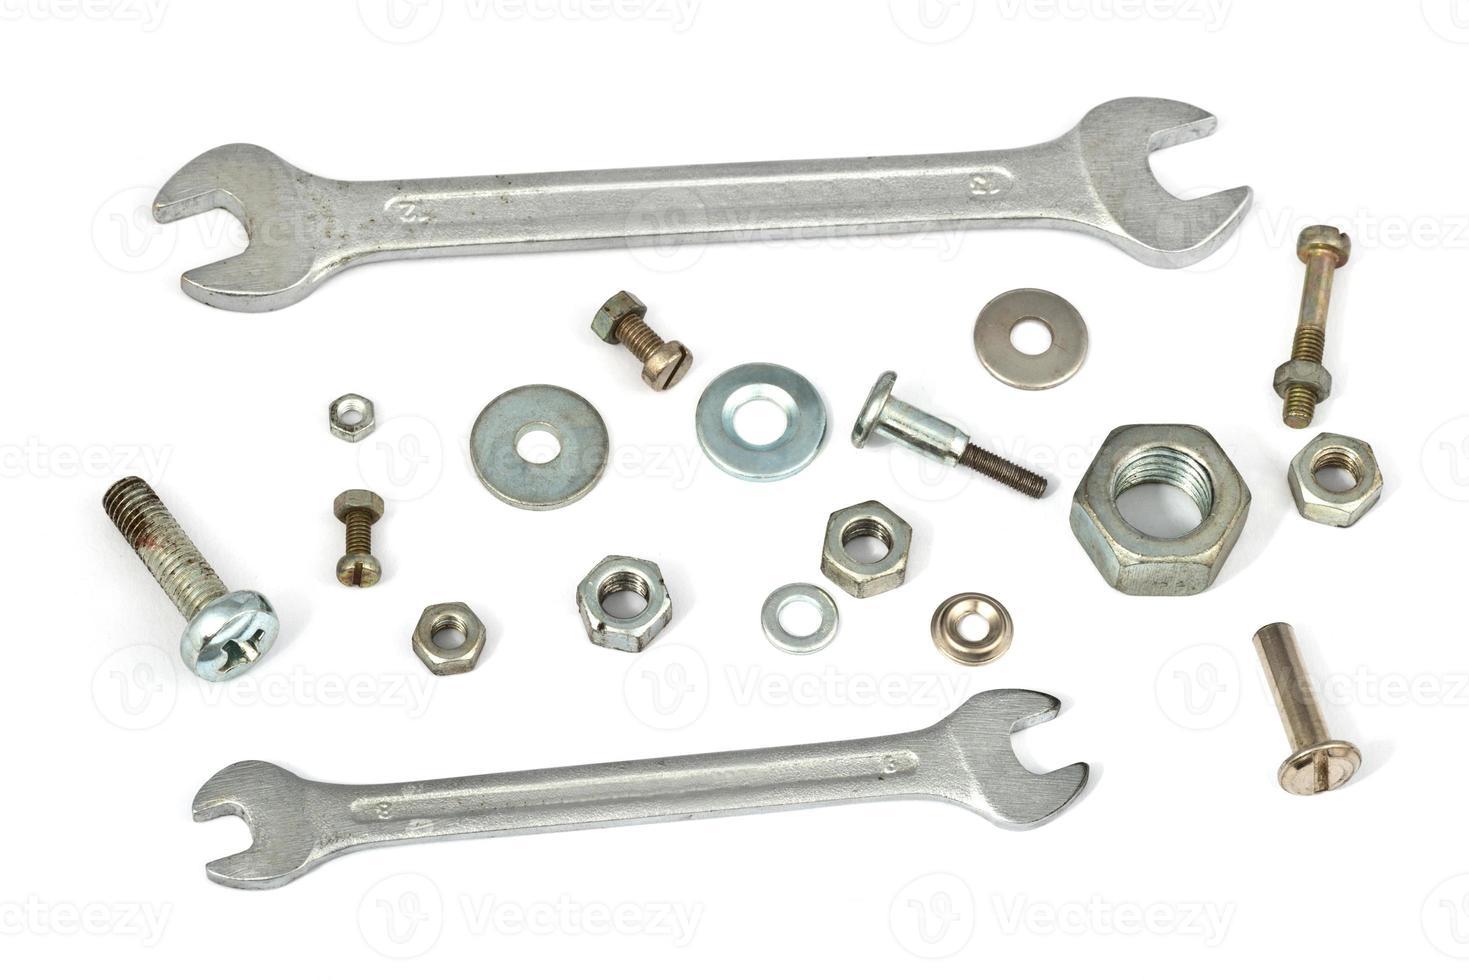 Schraubenschlüssel foto